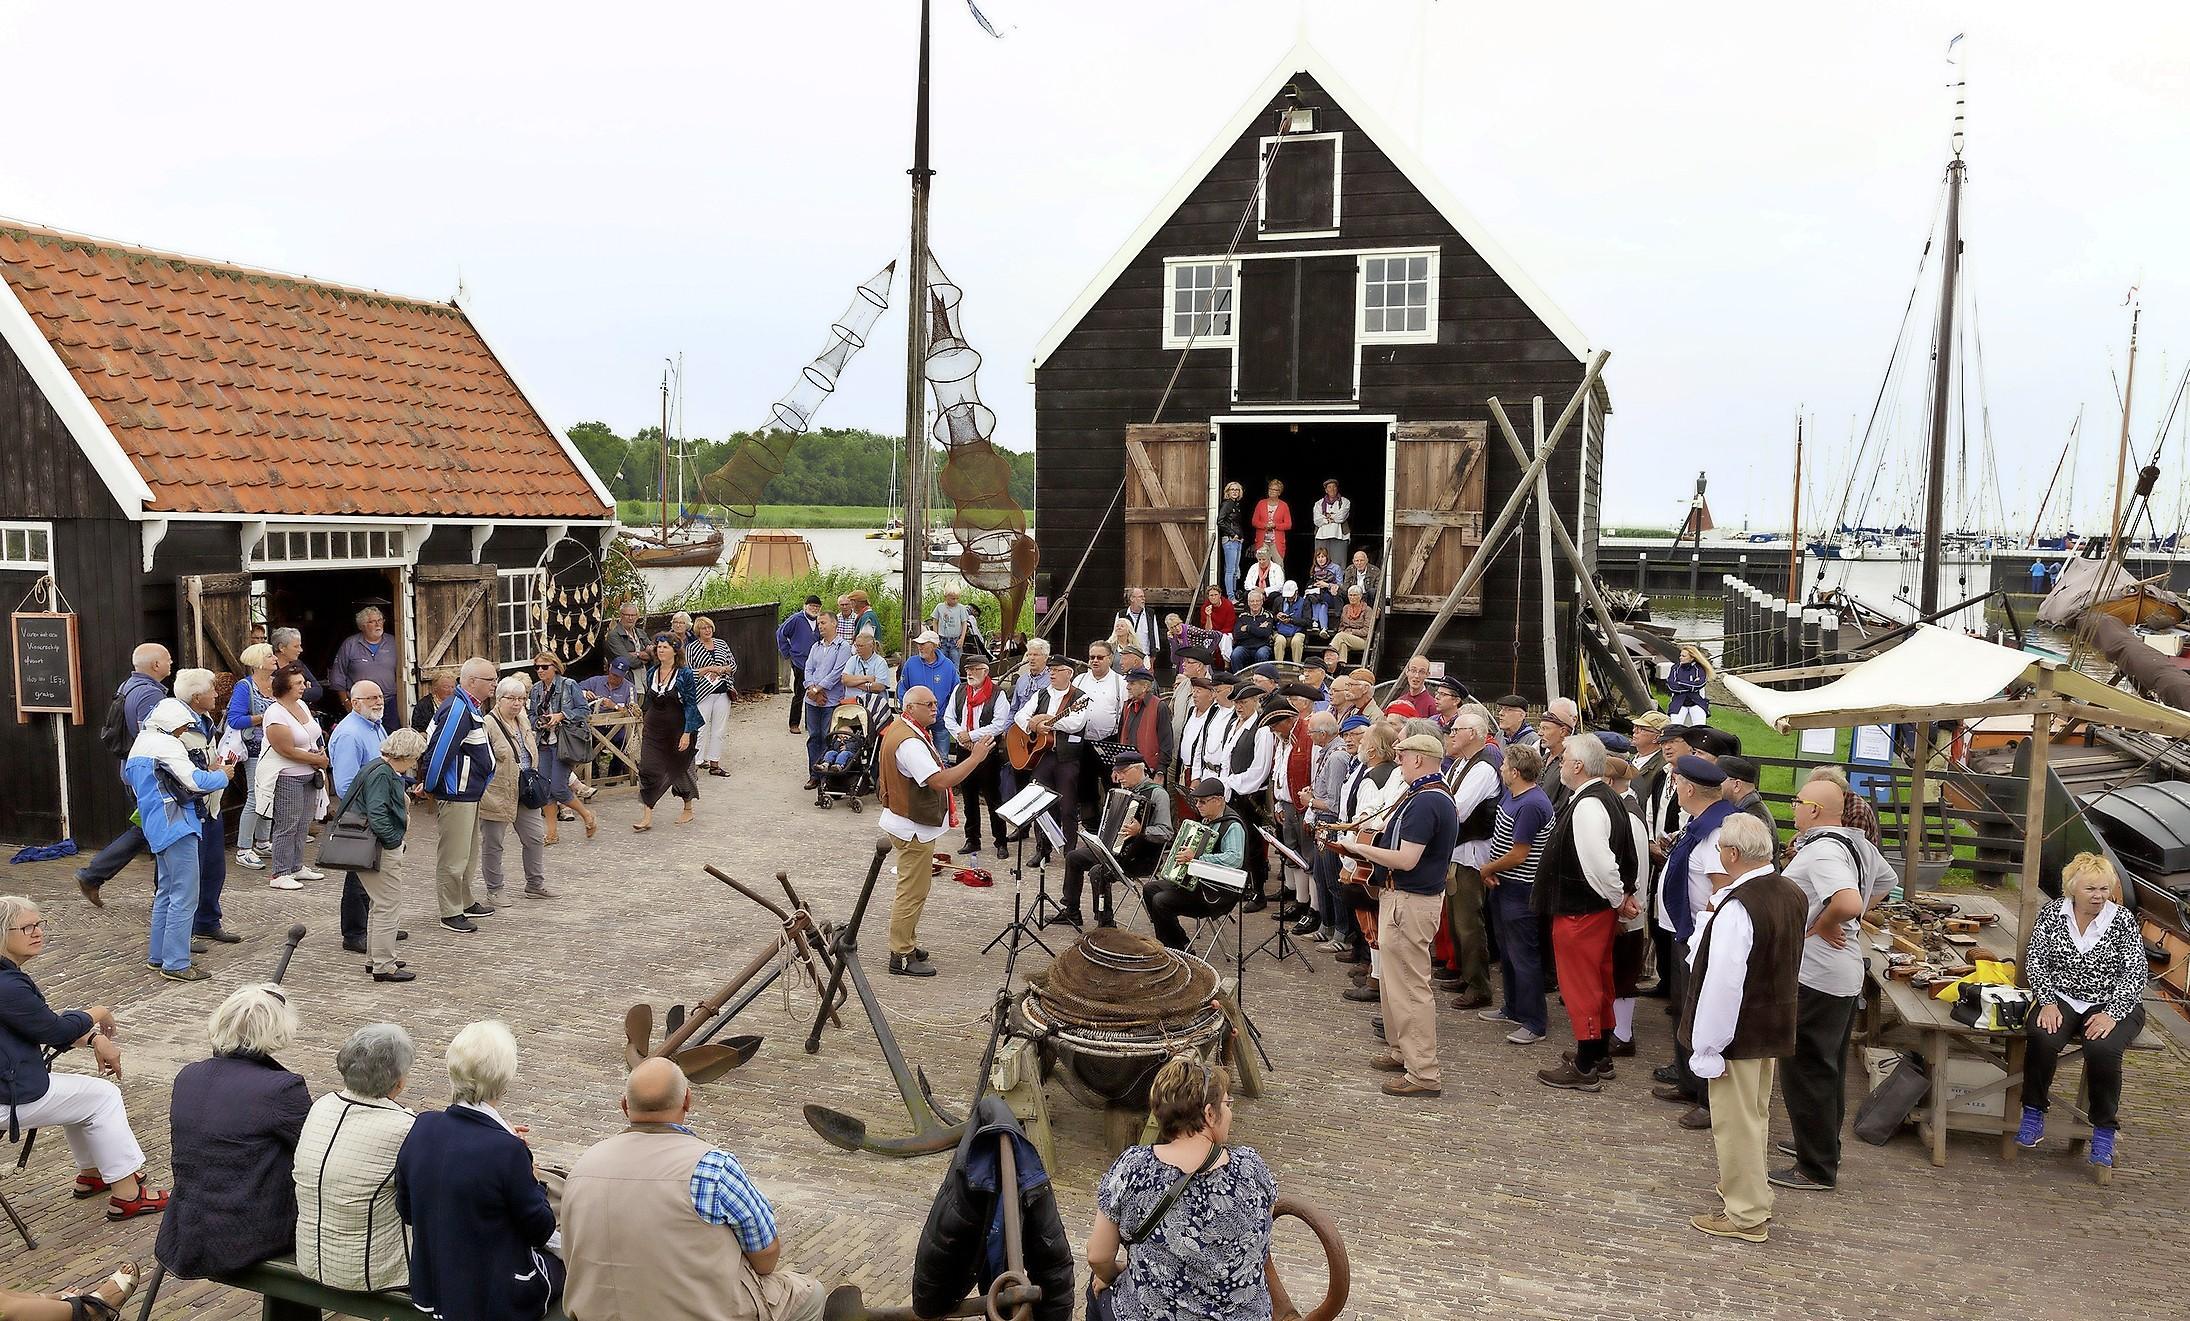 Gemeente Landsmeer organiseert uitje voor minima